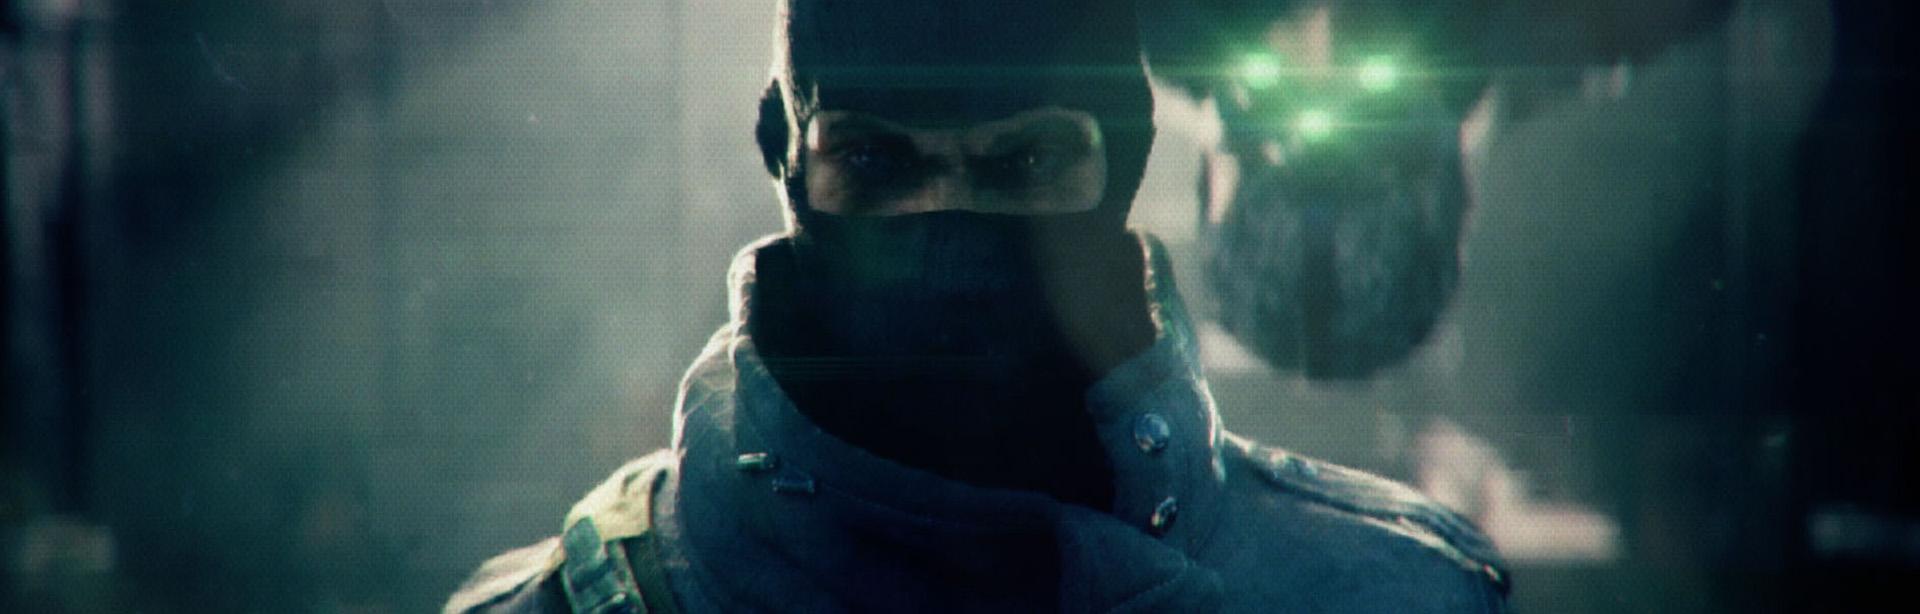 Ubisoft Splinter Cell Blacklist